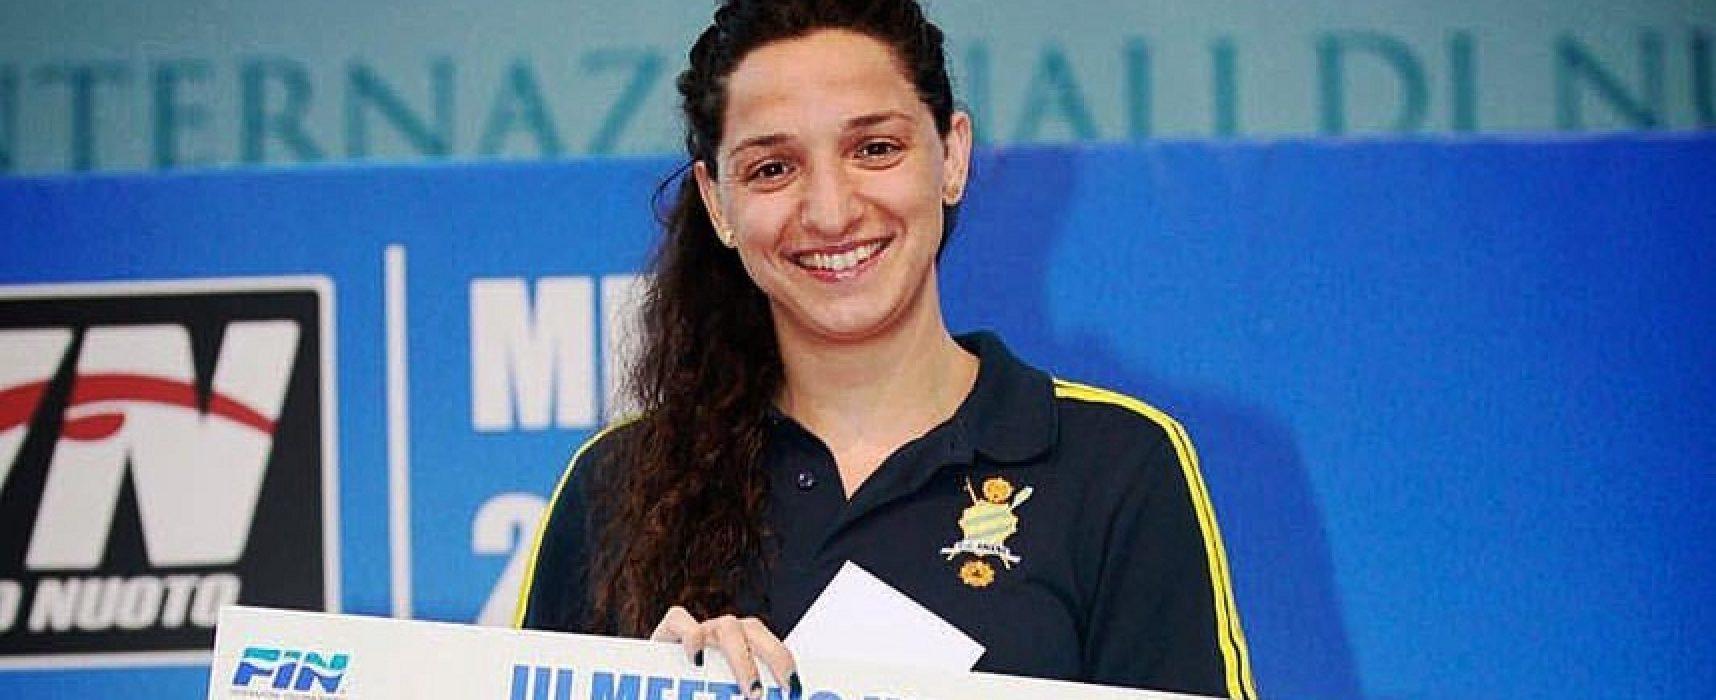 Nuoto, Elena Di Liddo trionfa nei 100 farfalla al Meeting di Roma